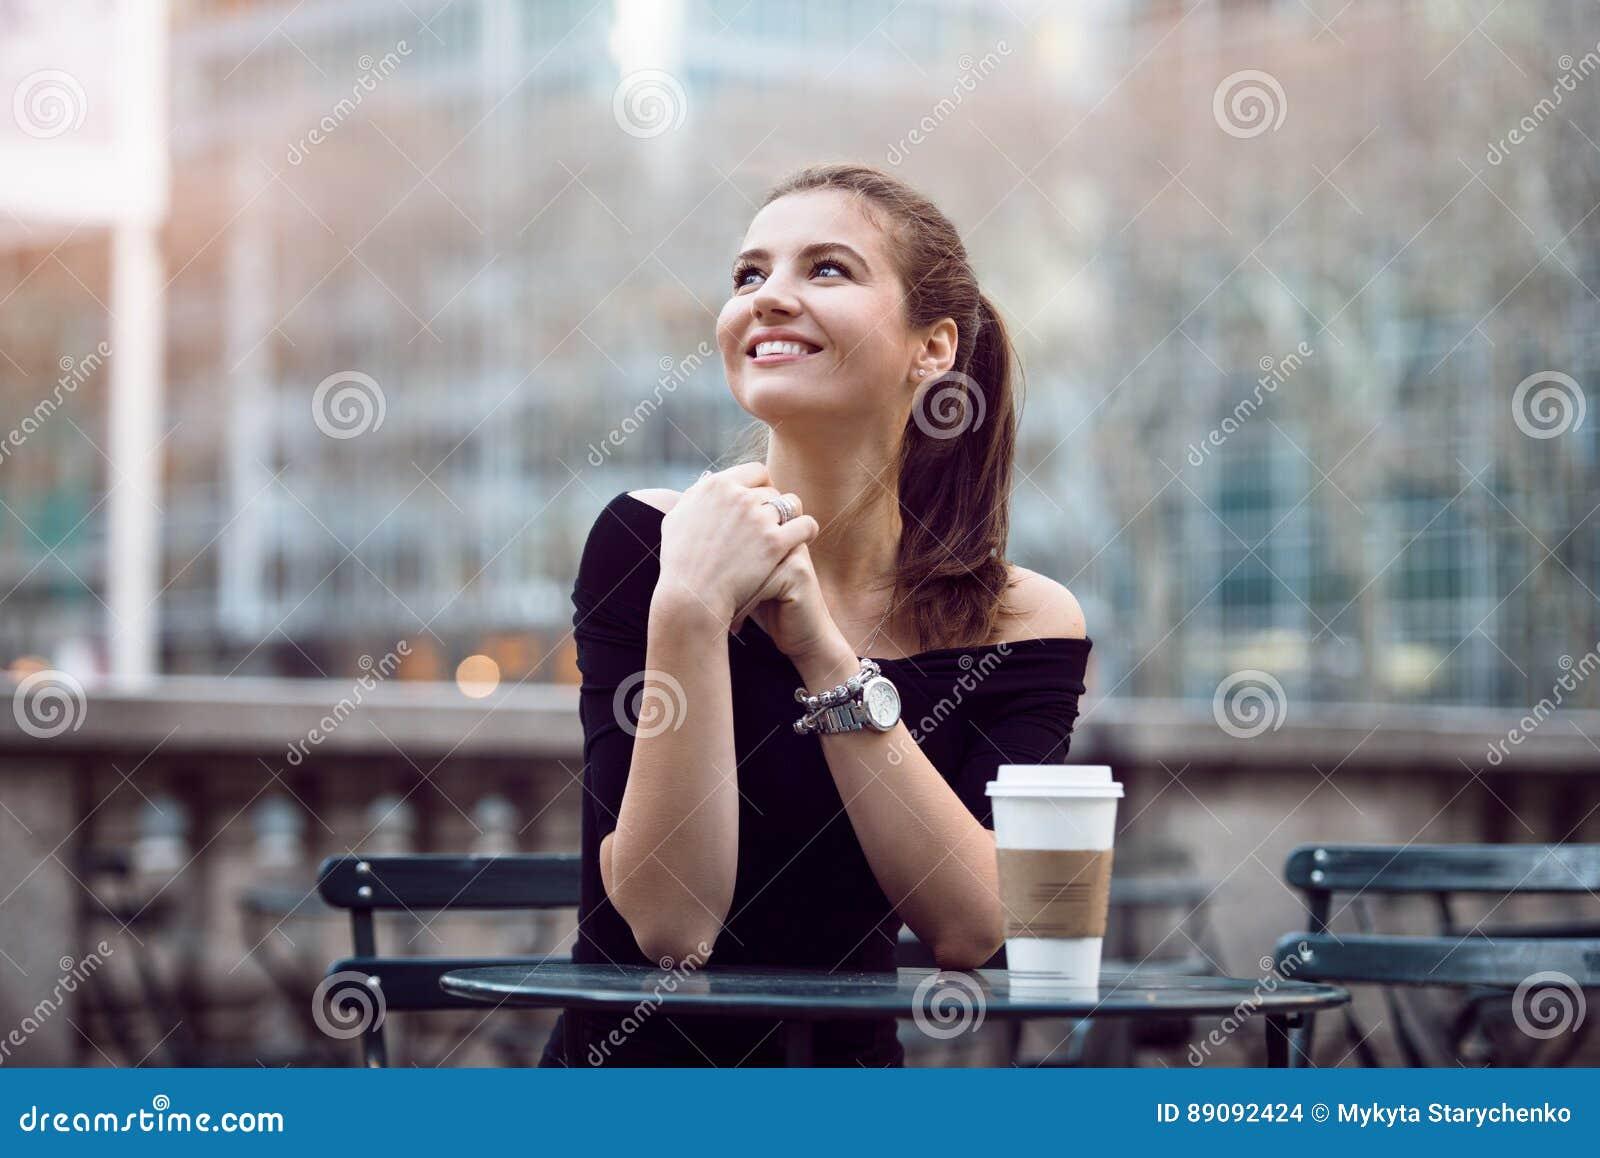 Красивая счастливая коммерсантка сидя в парке города во время времени обеда или перерыве на чашку кофе с бумажной кофейной чашкой